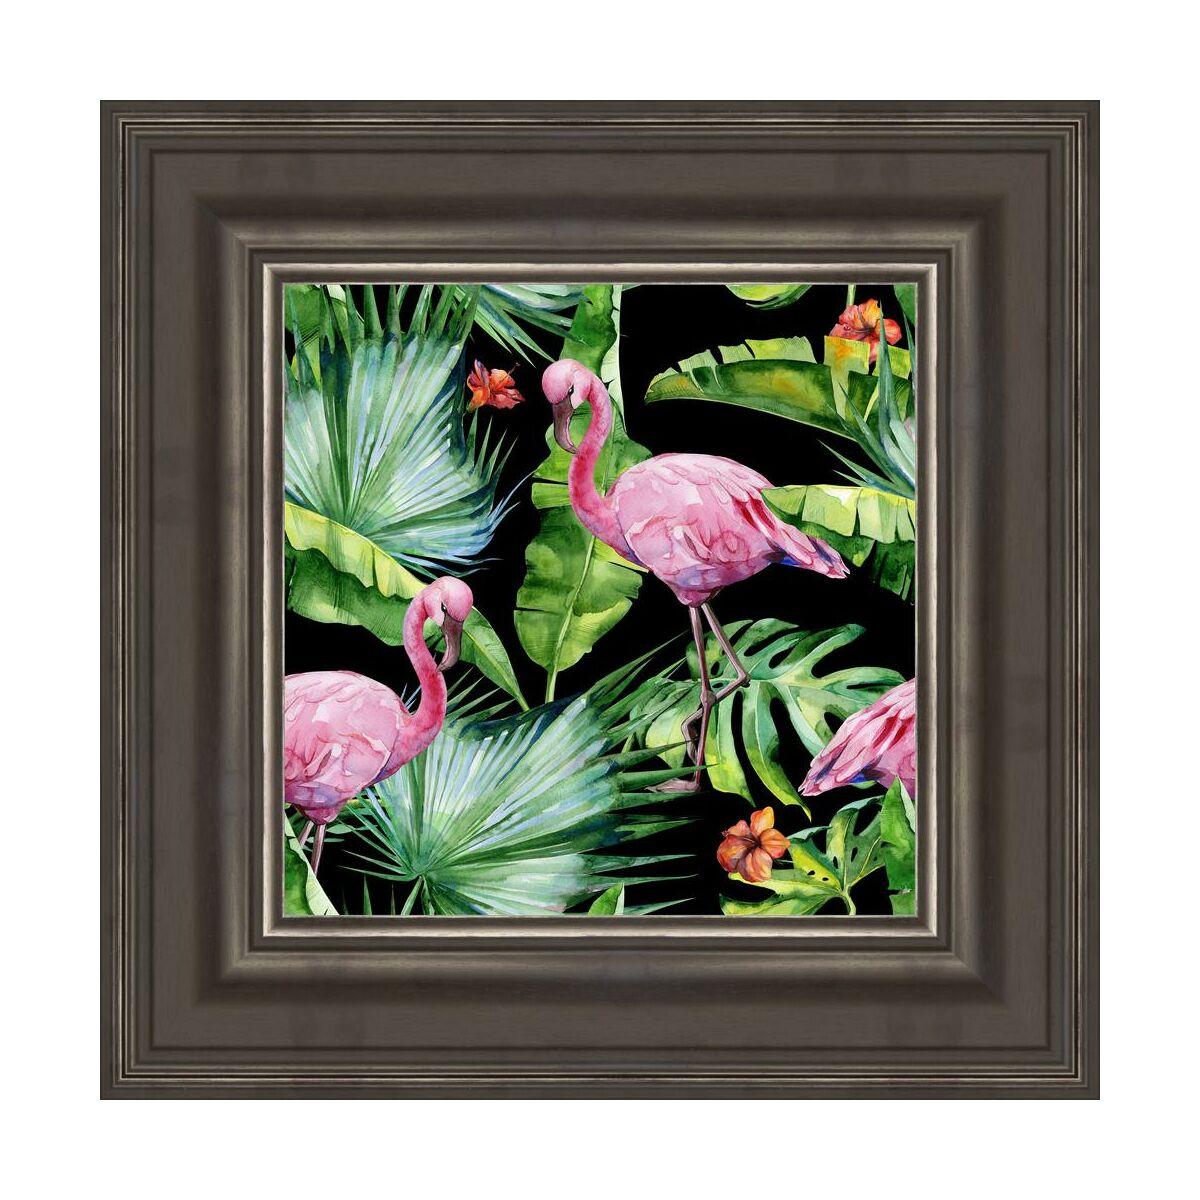 Obraz Flamingi I Liście 476 X 476 Cm Obrazy Kanwy W